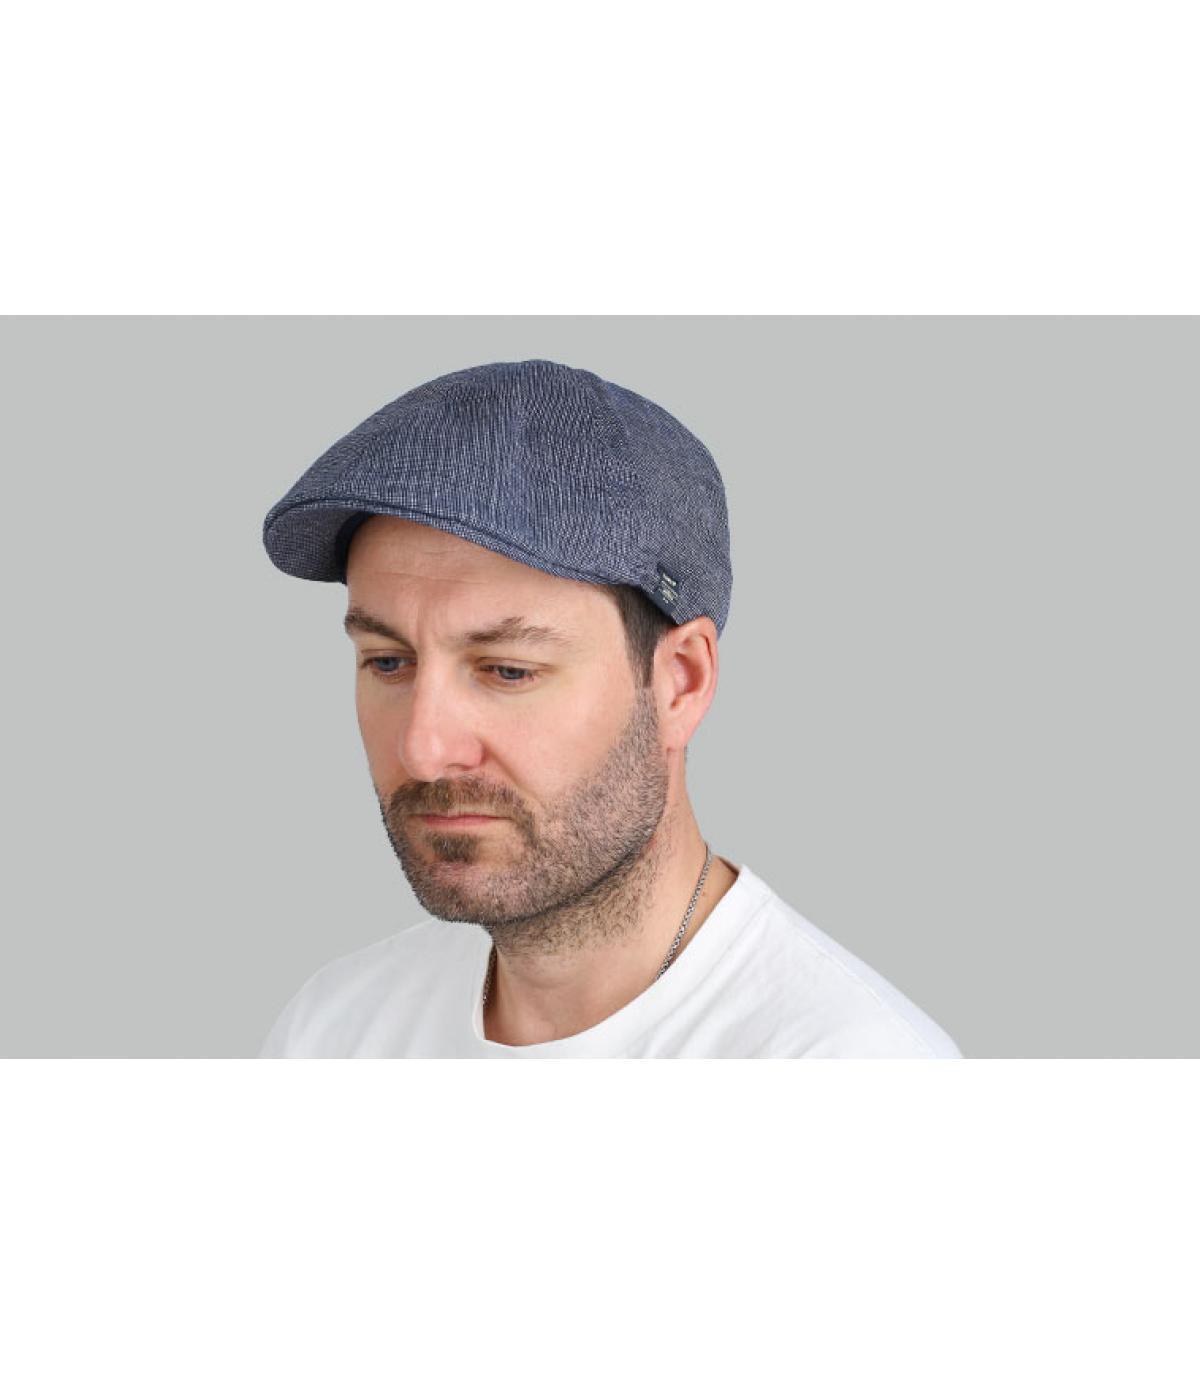 blauwe eendenbek baret